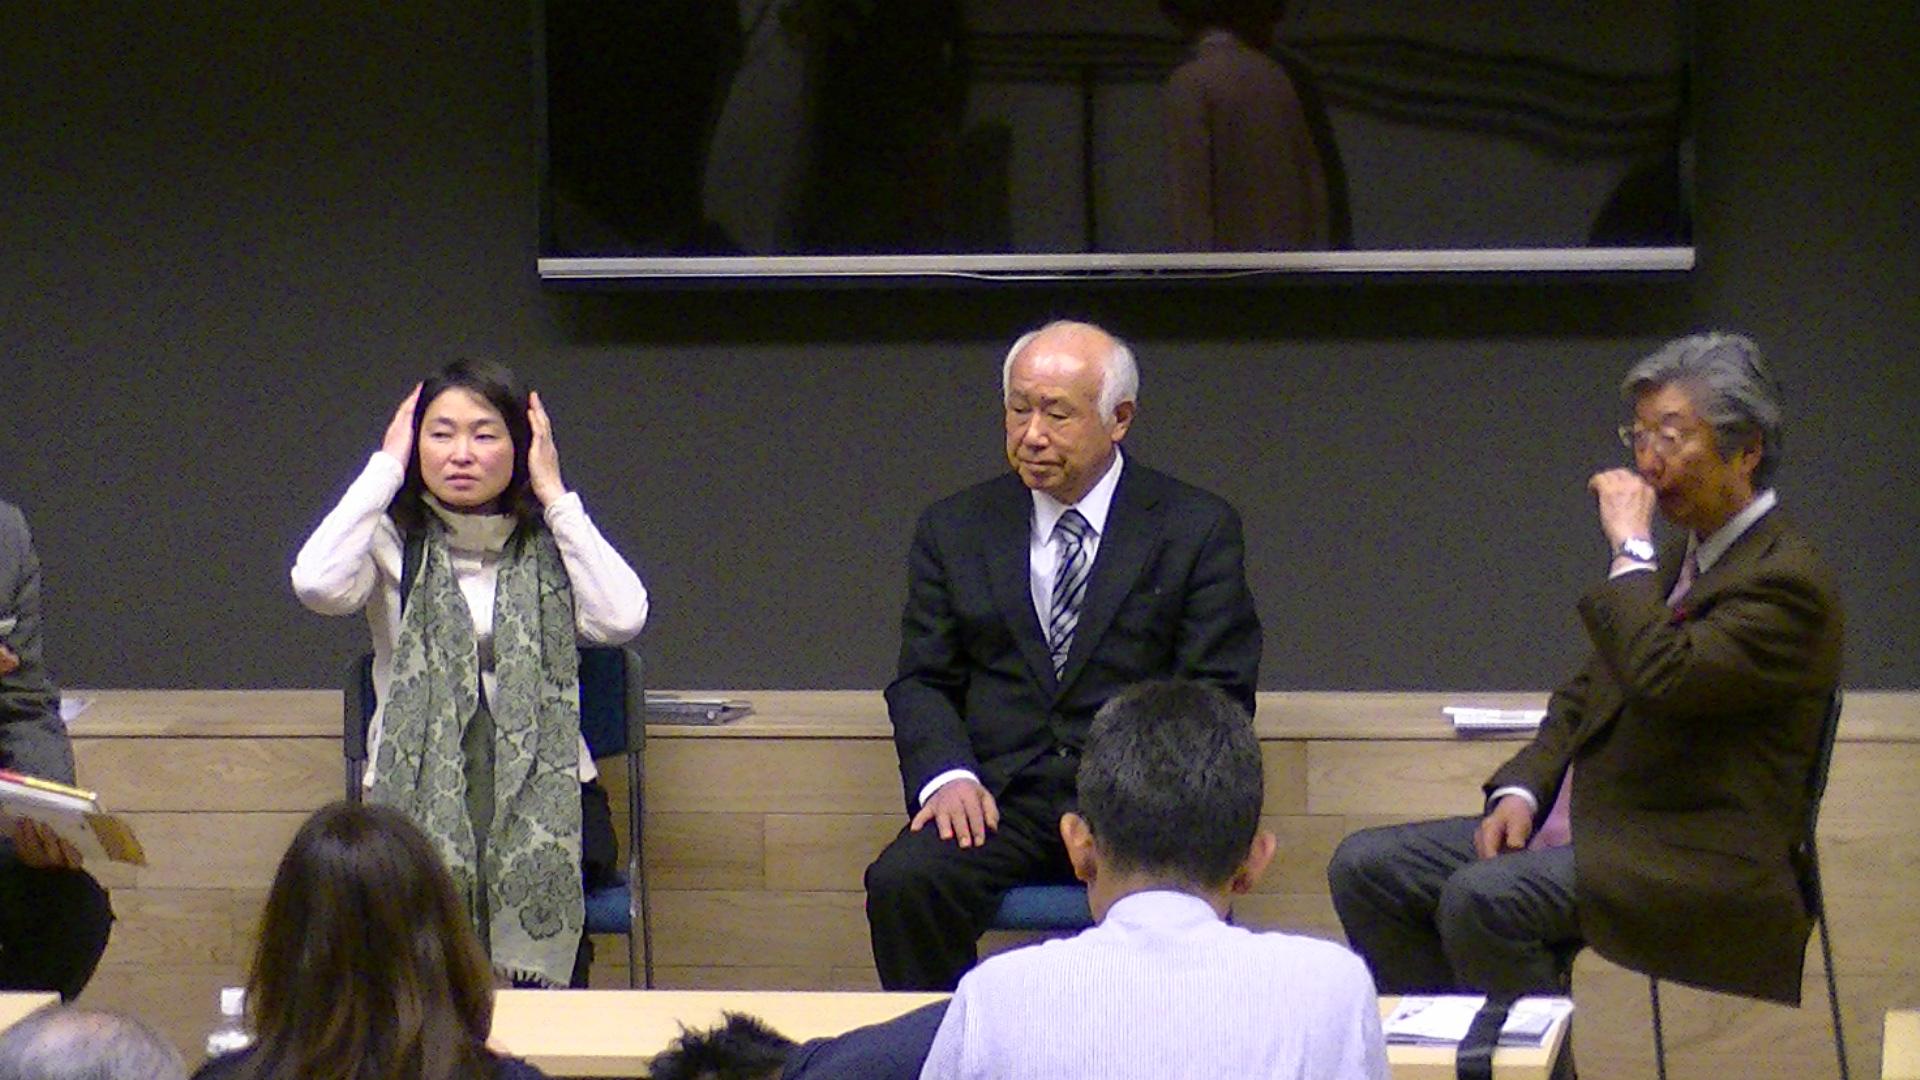 PIC 0543 - 平成30年度 東京思風塾 4月7日(土)「時代が問題をつくり、問題が人物をつくる」